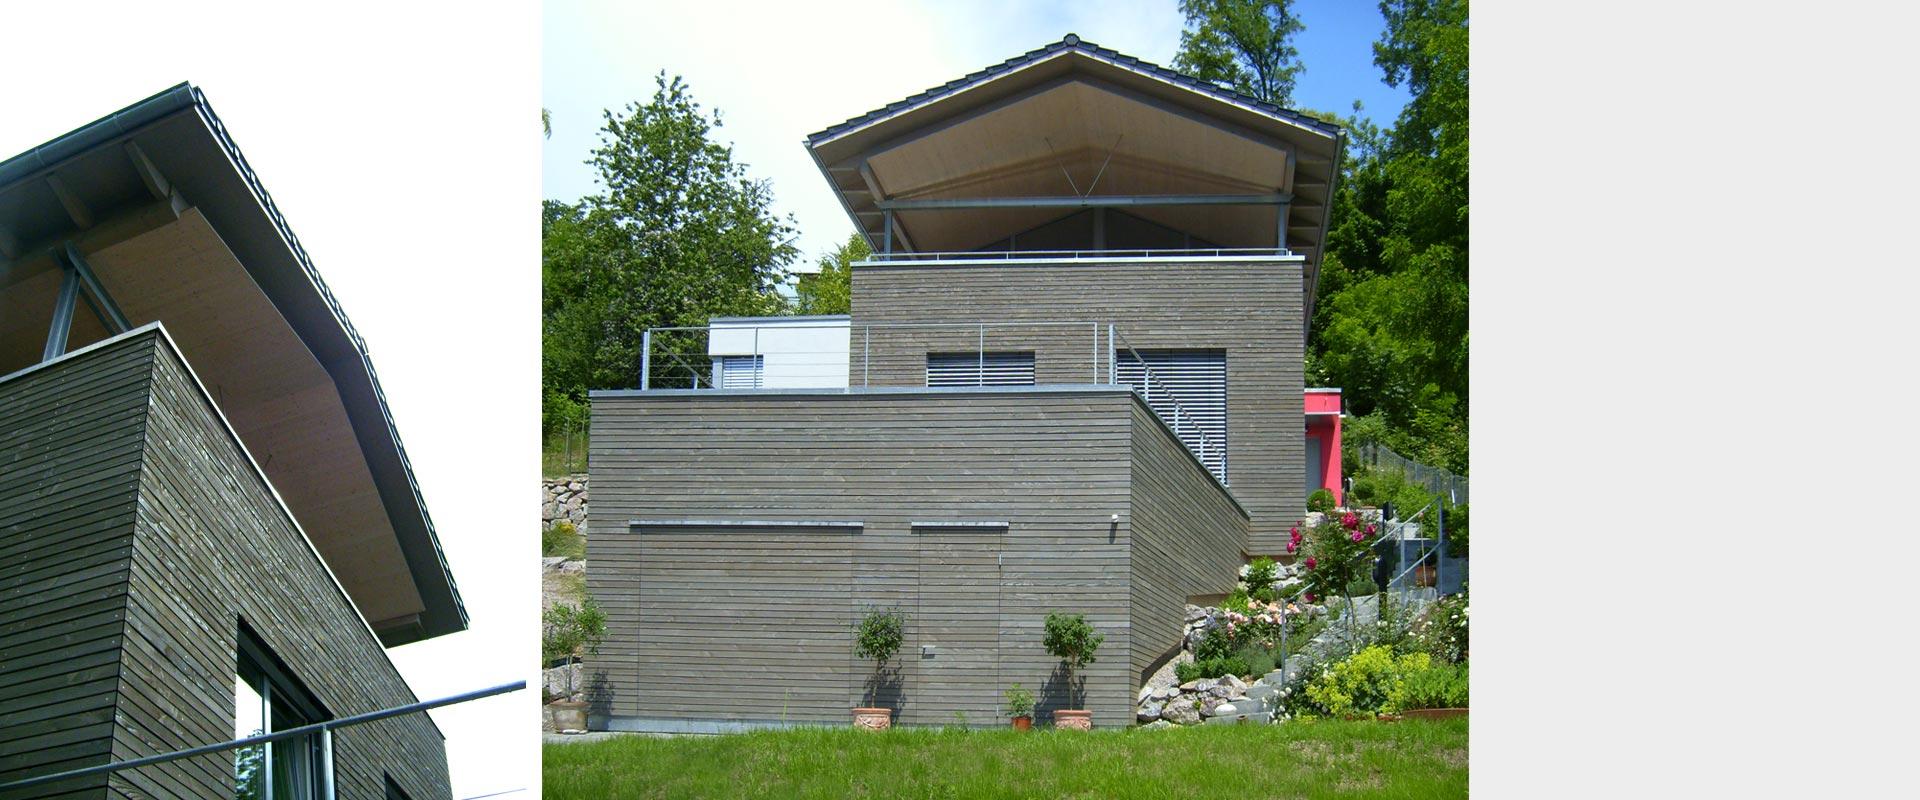 architekturbuero_henning_musahl_waldshut_walz012